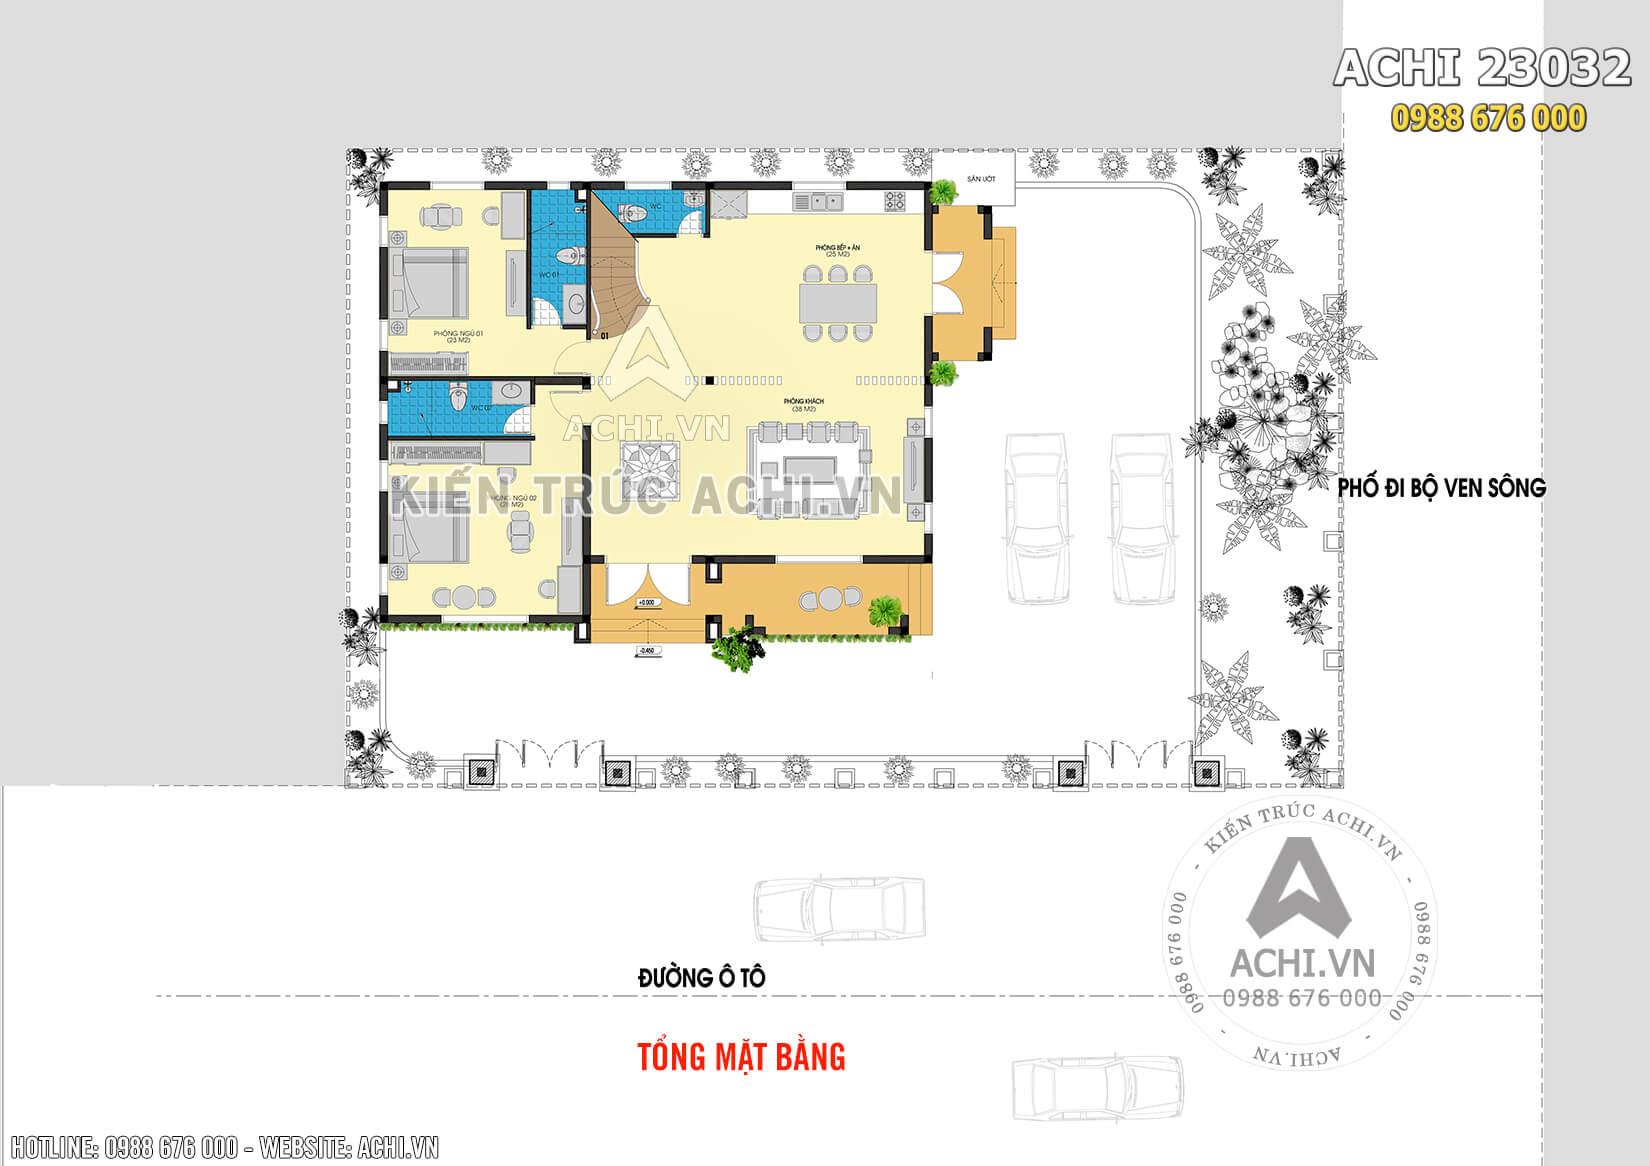 Tổng mặt bằng của mẫu biệt thự nhà vườn 2 tầng mái thái